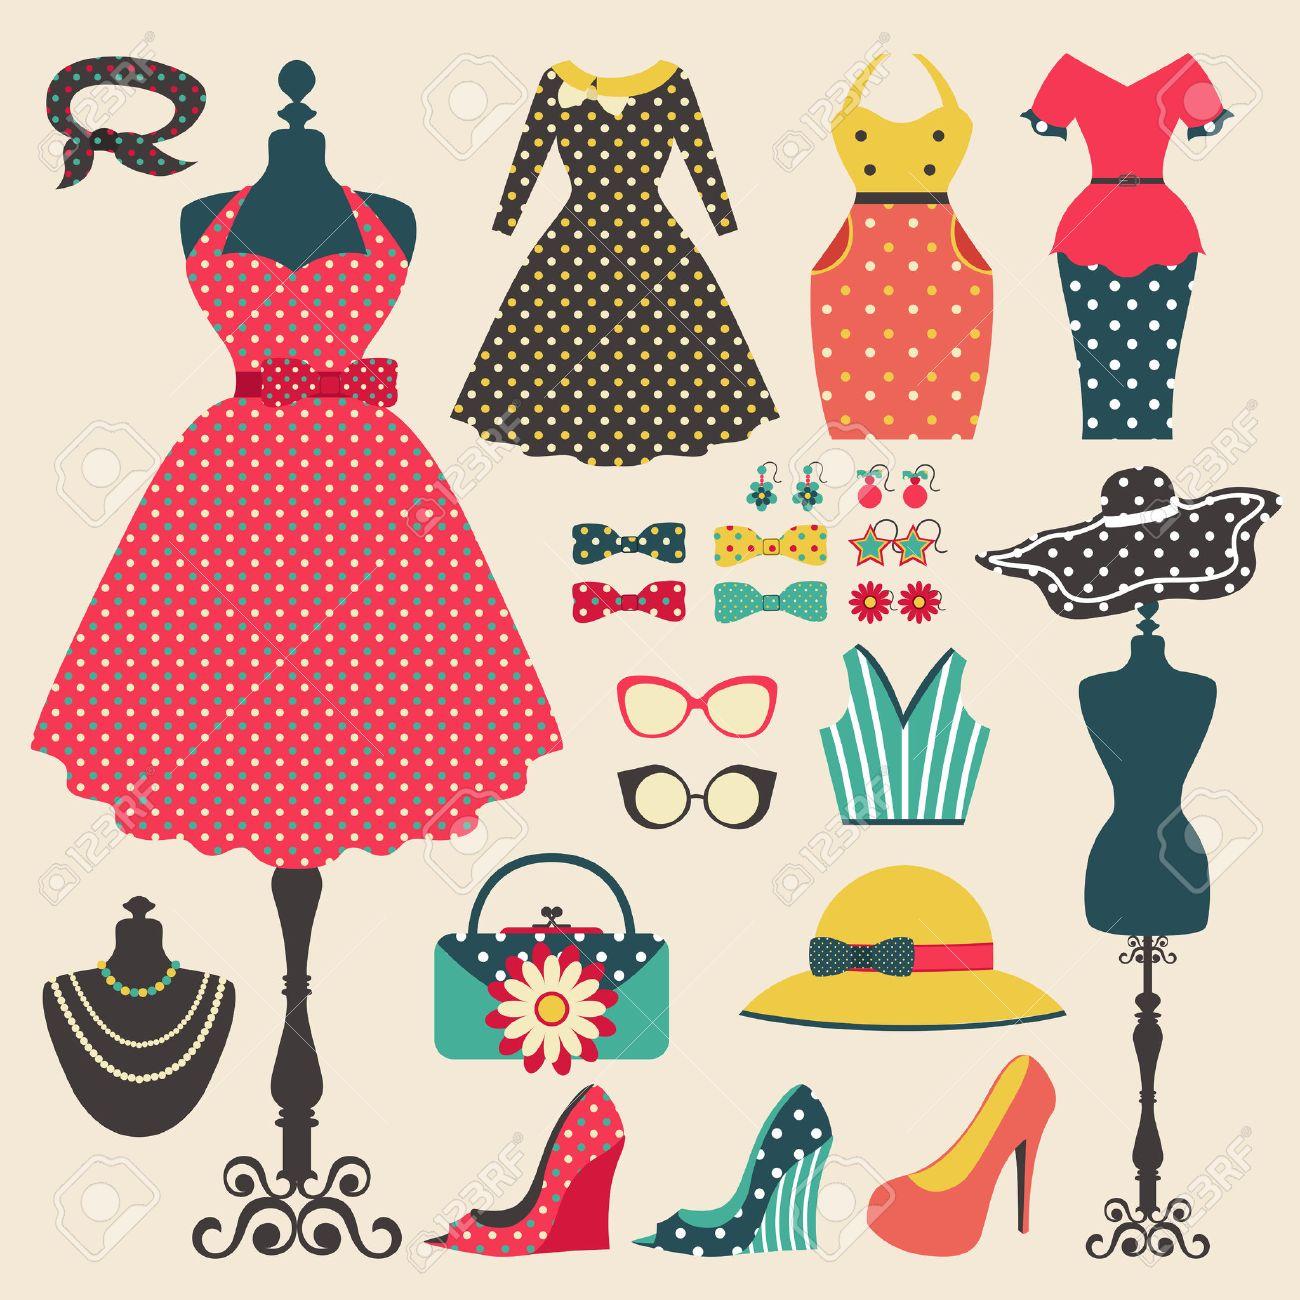 La Ropa Vieja Moda Retro Mujer Prendas De Vestir Y Accesorios Diseño De Iconos Plana En El Estilo De Color Pastel De La Vendimia Crear Por El